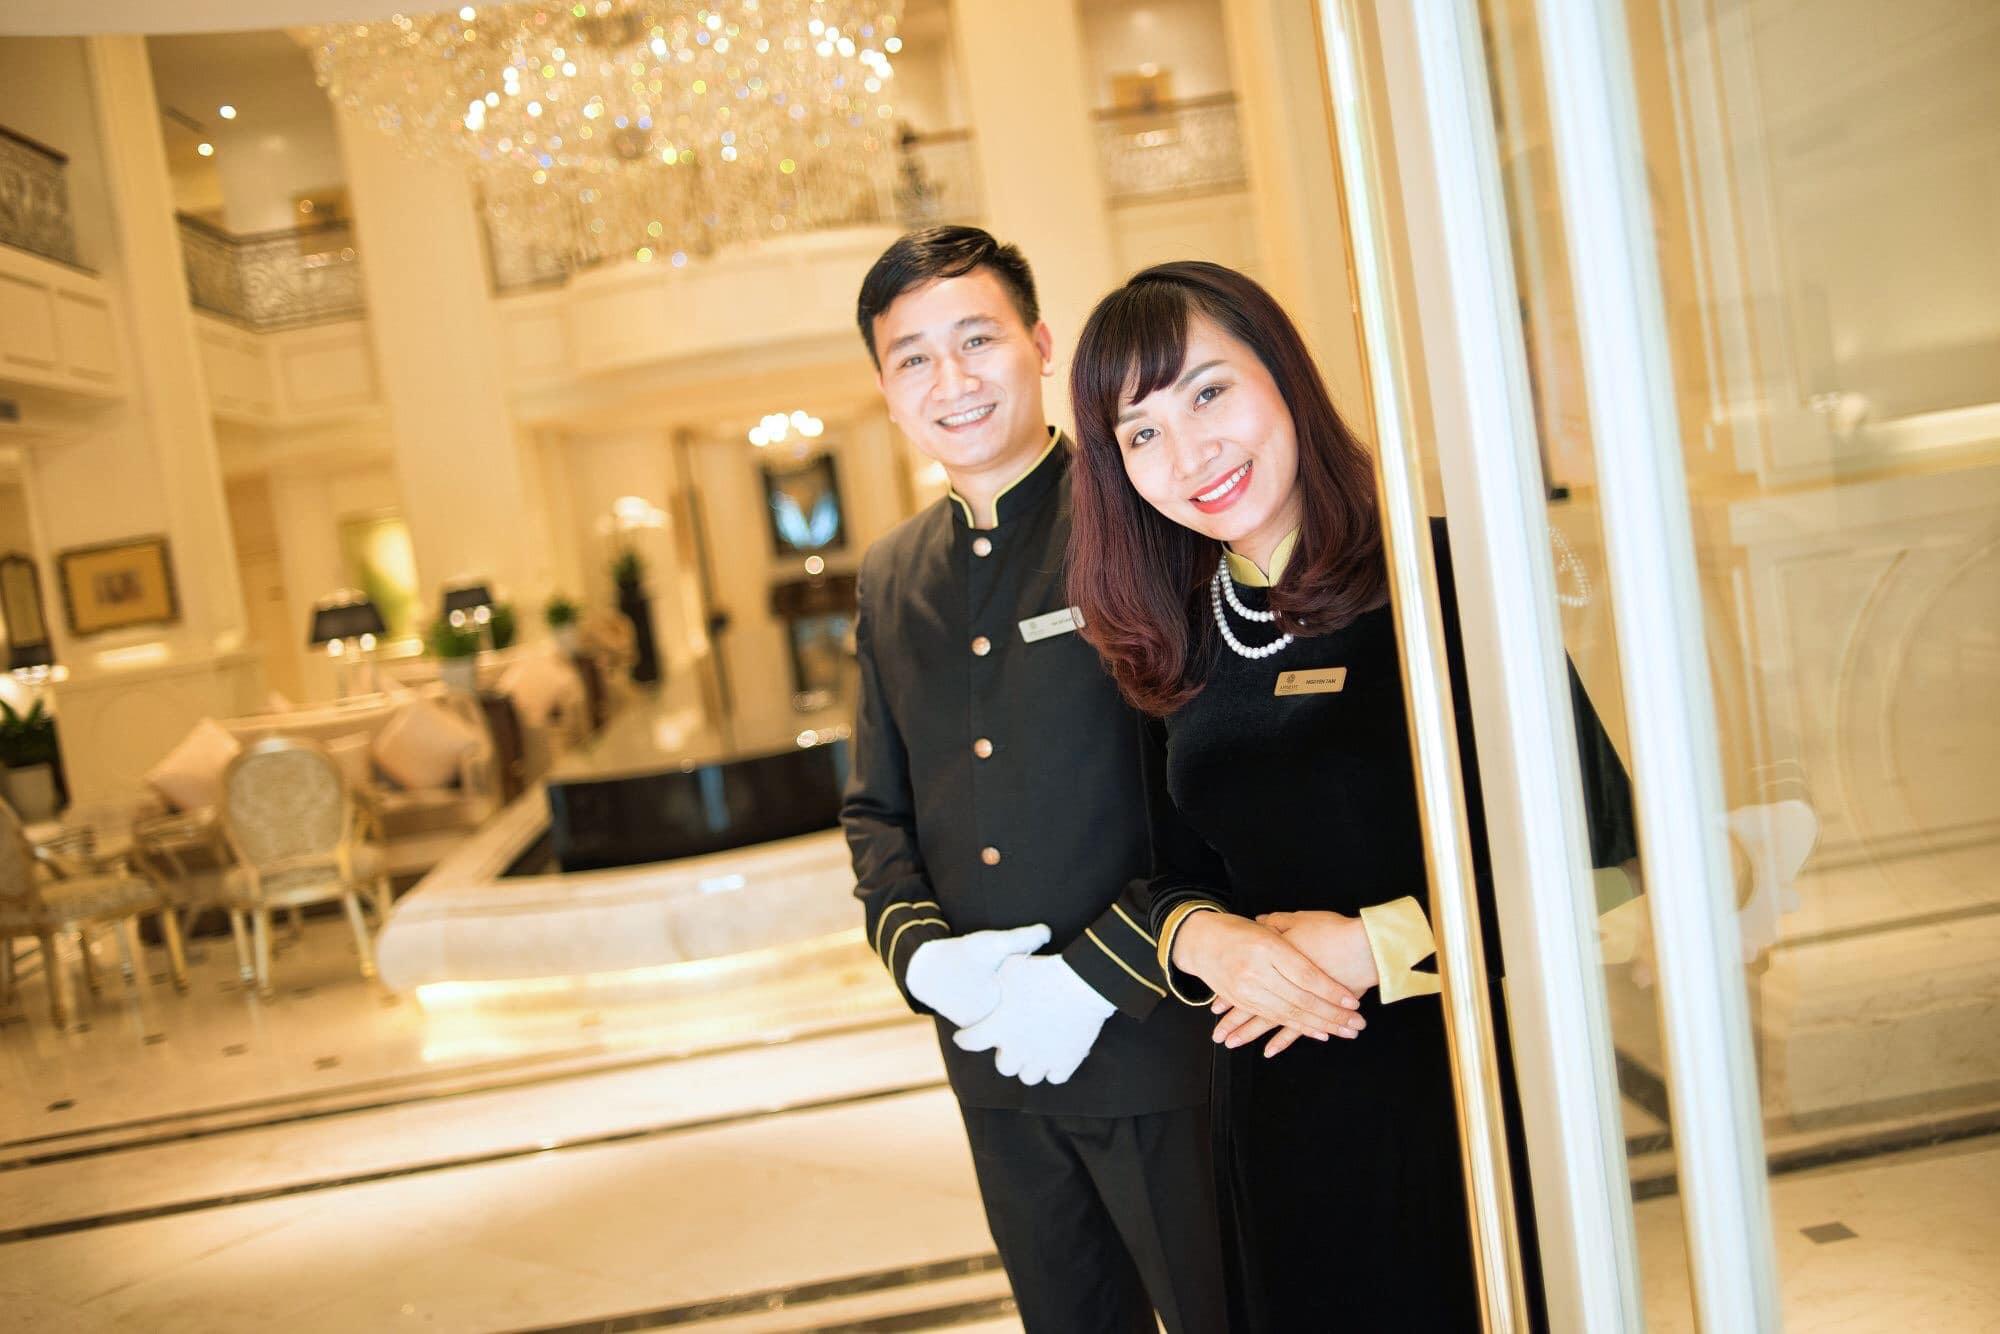 Đồng phục áo dài cho lễ tân màu đen chất liệu vải nhung của khách sạn Apricot Ha Noi